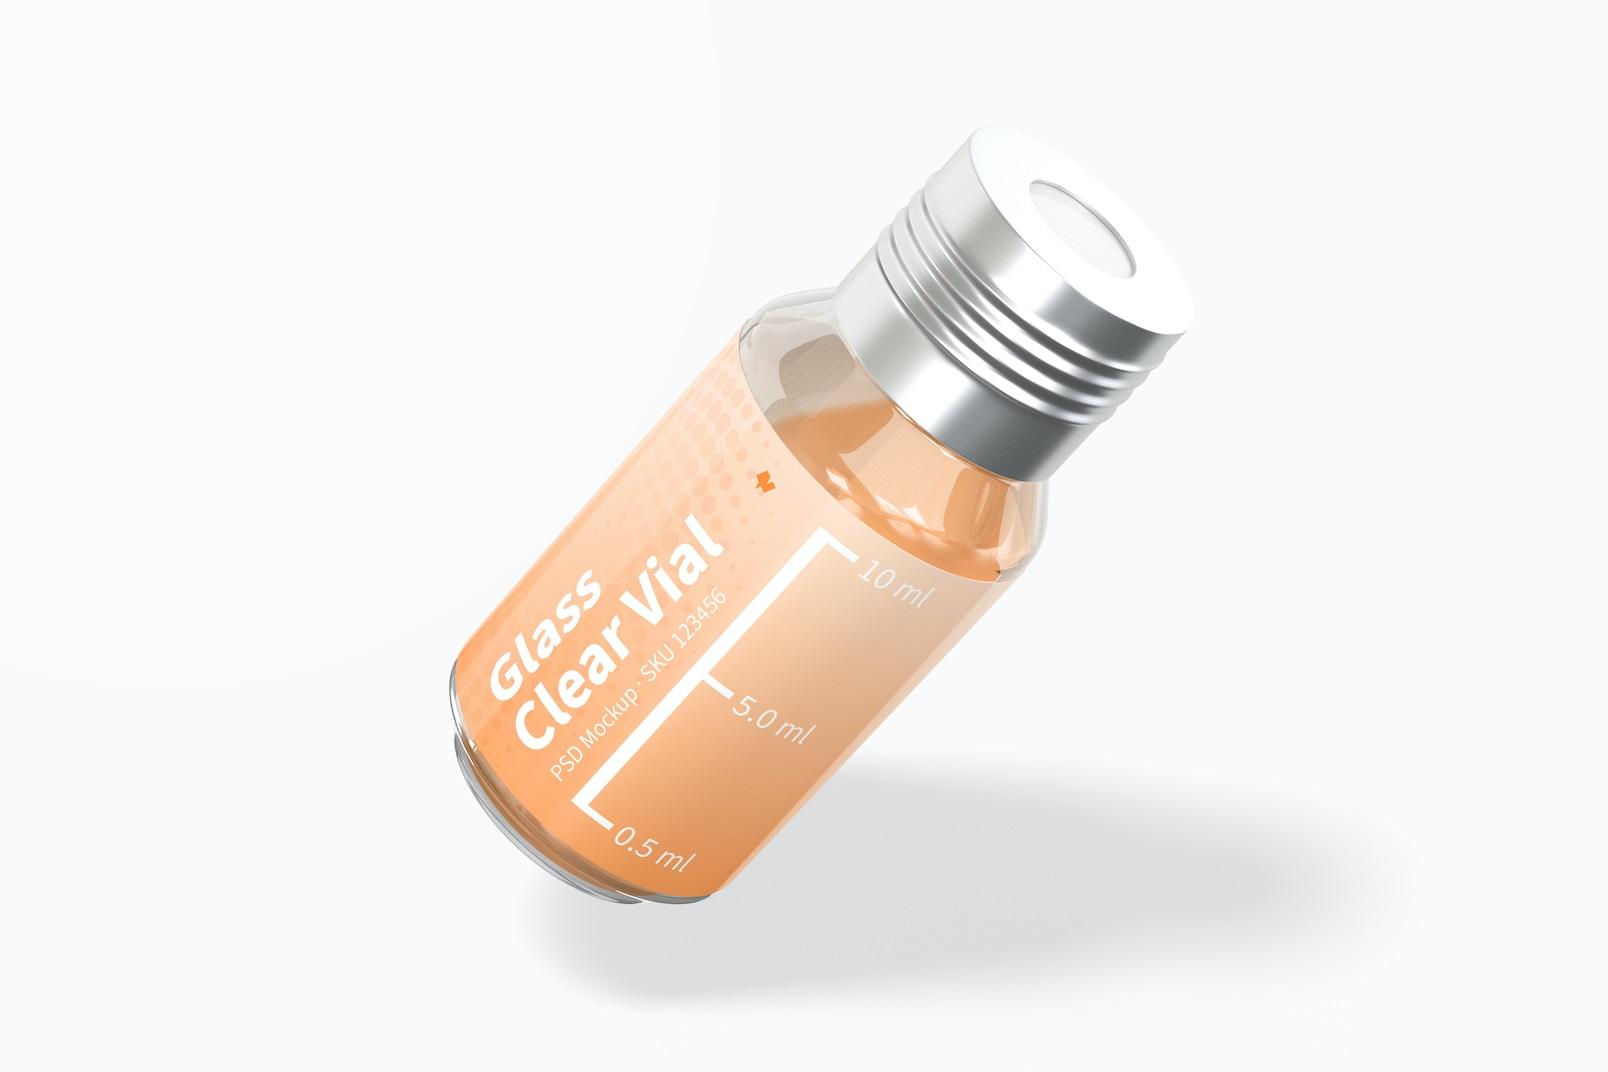 10 ml Glass Clear Vial Mockup, Leaned